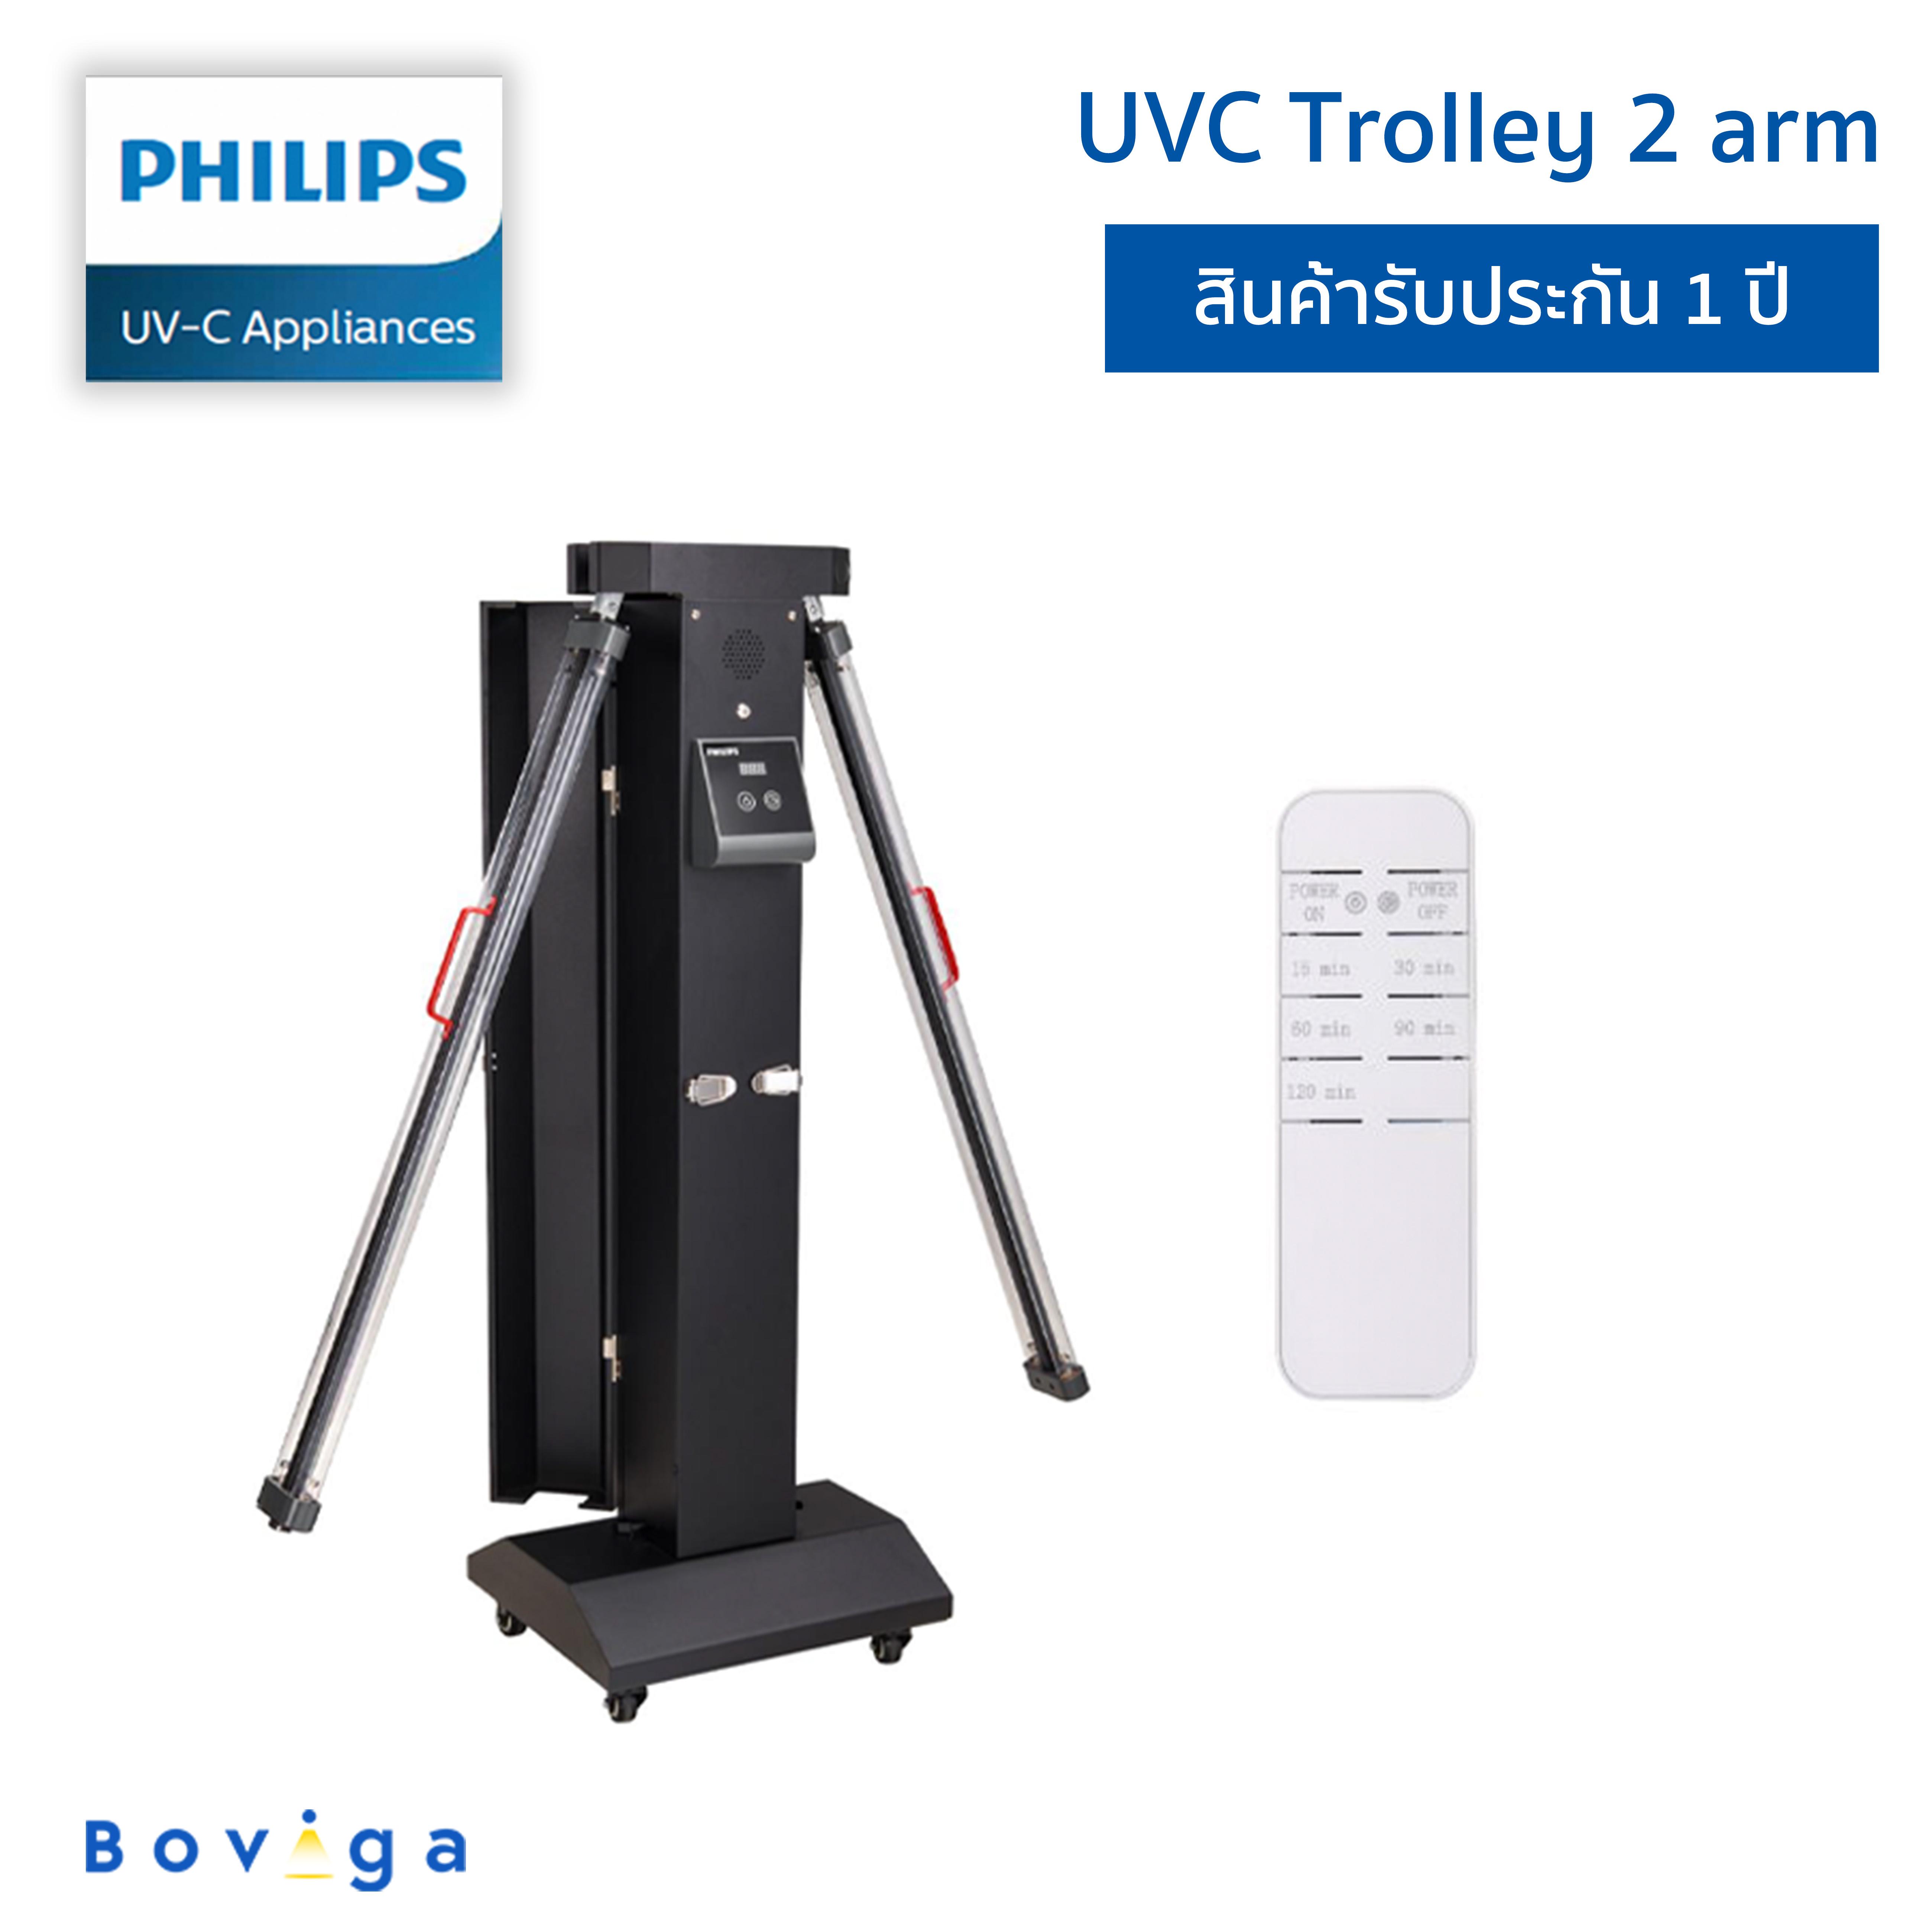 ฟิลิปส์ UVC เครื่องฆ่าเชื้อโรคแบบเคลื่อนย้ายได้ แบบ 2 แขน | UVC Trolley 2 arm Philips